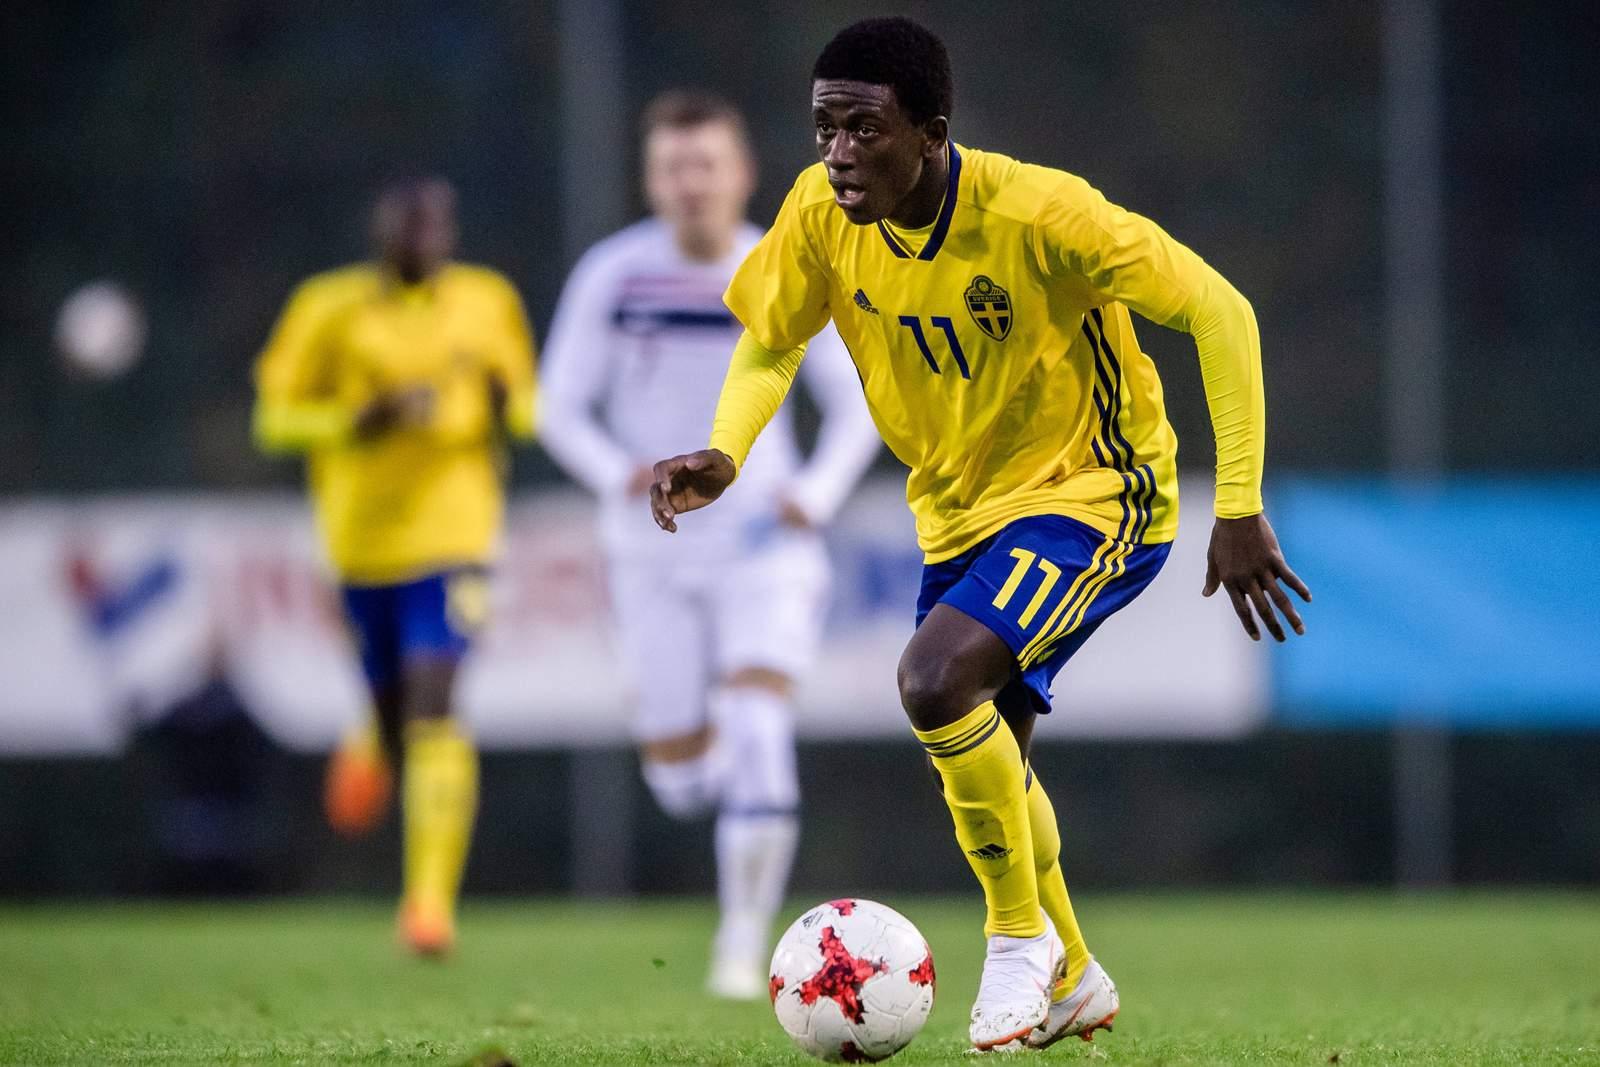 Jack Lahne am Ball für die schwedische U17.